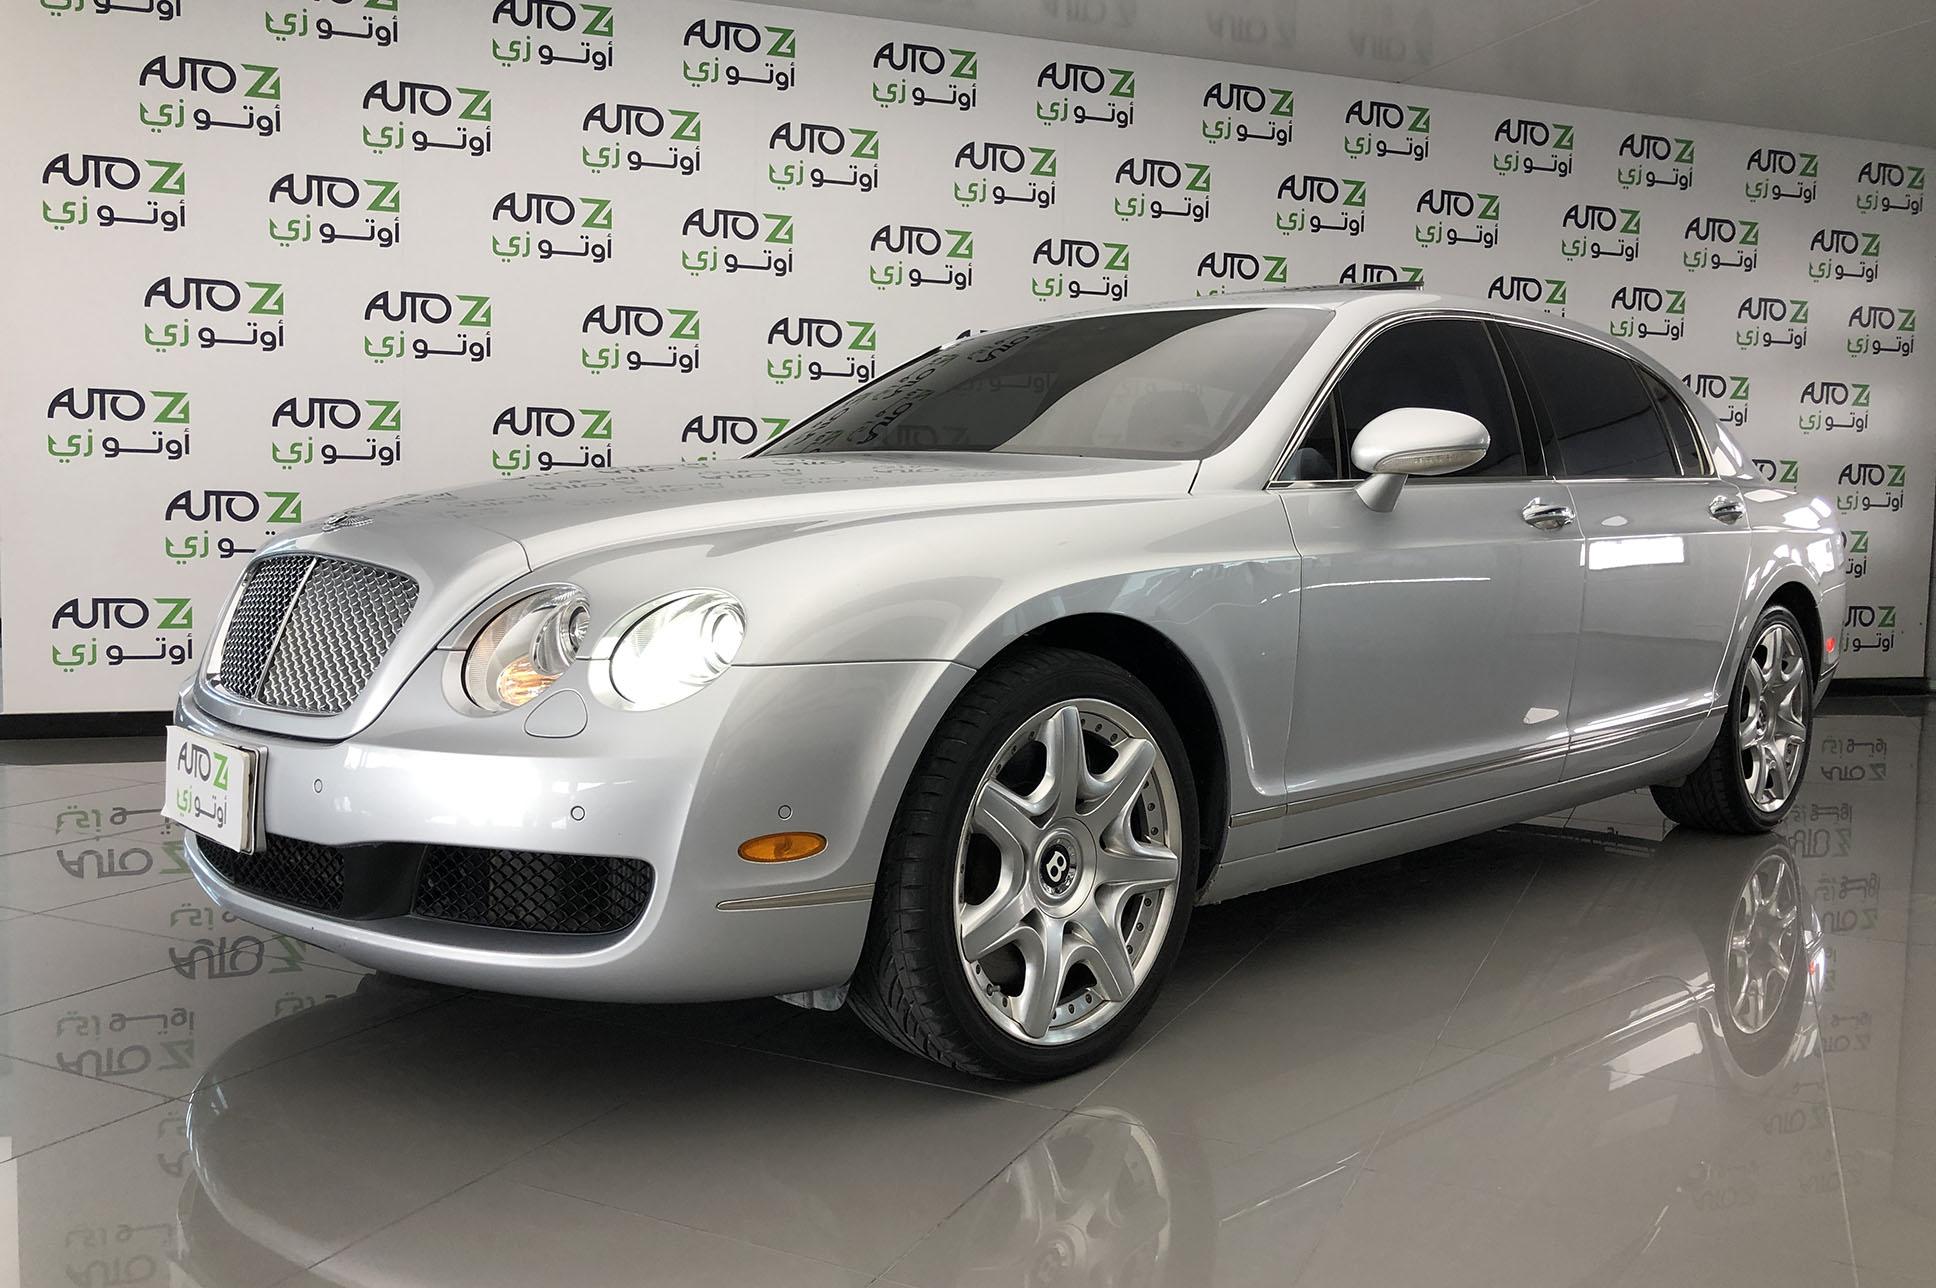 2007 Bentley GTC